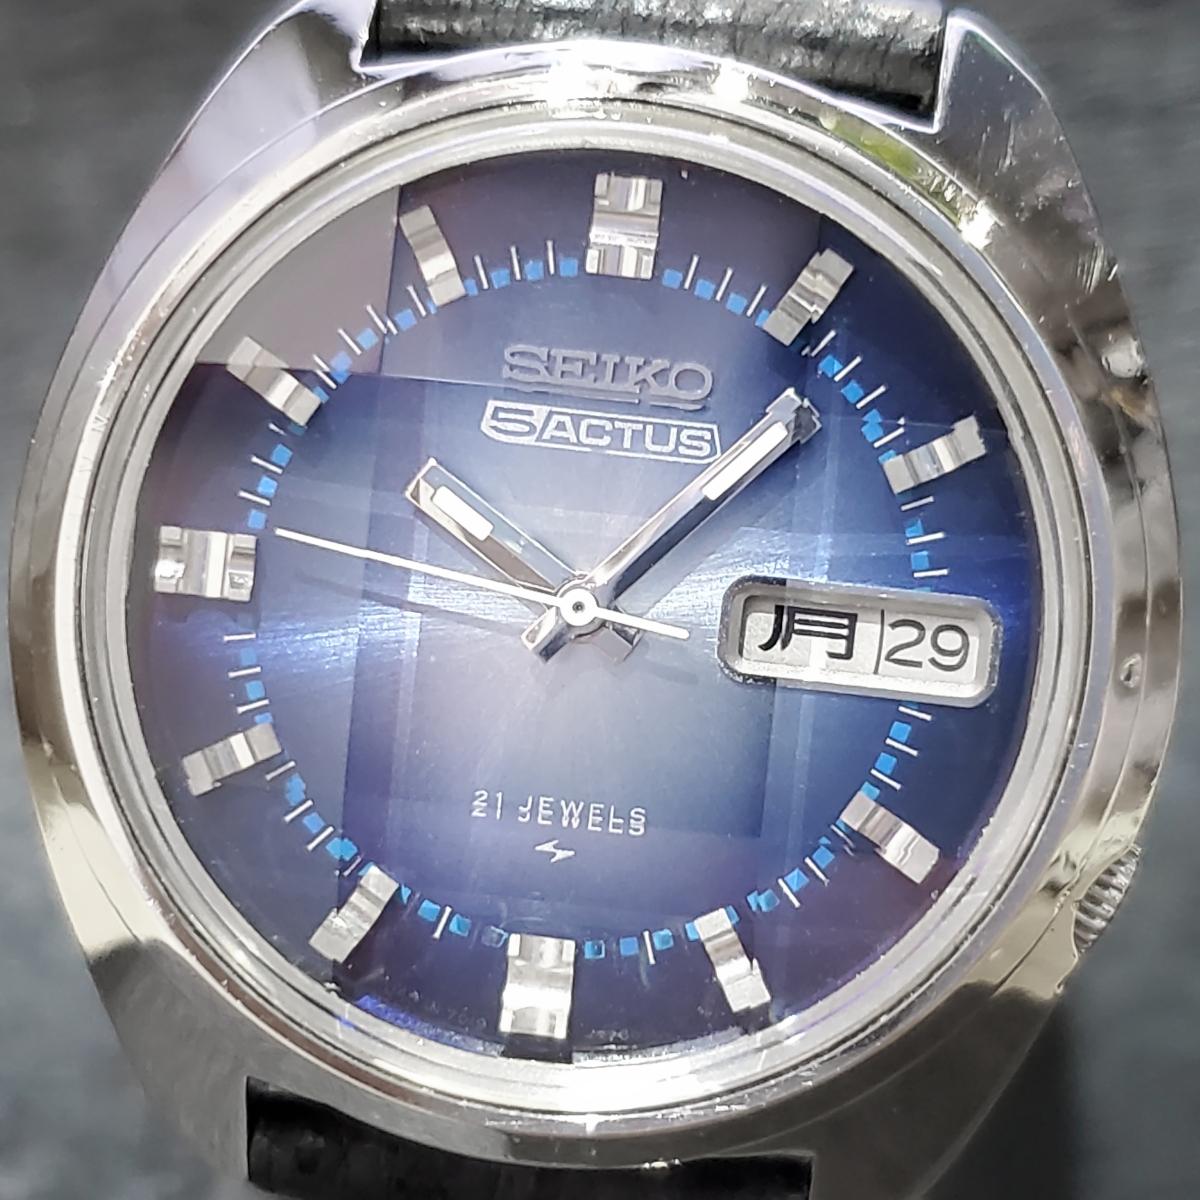 セイコー ファイブアクタス 7019-7210 新品9面カットガラス 自動巻 OH済 昭和48年/1973年製